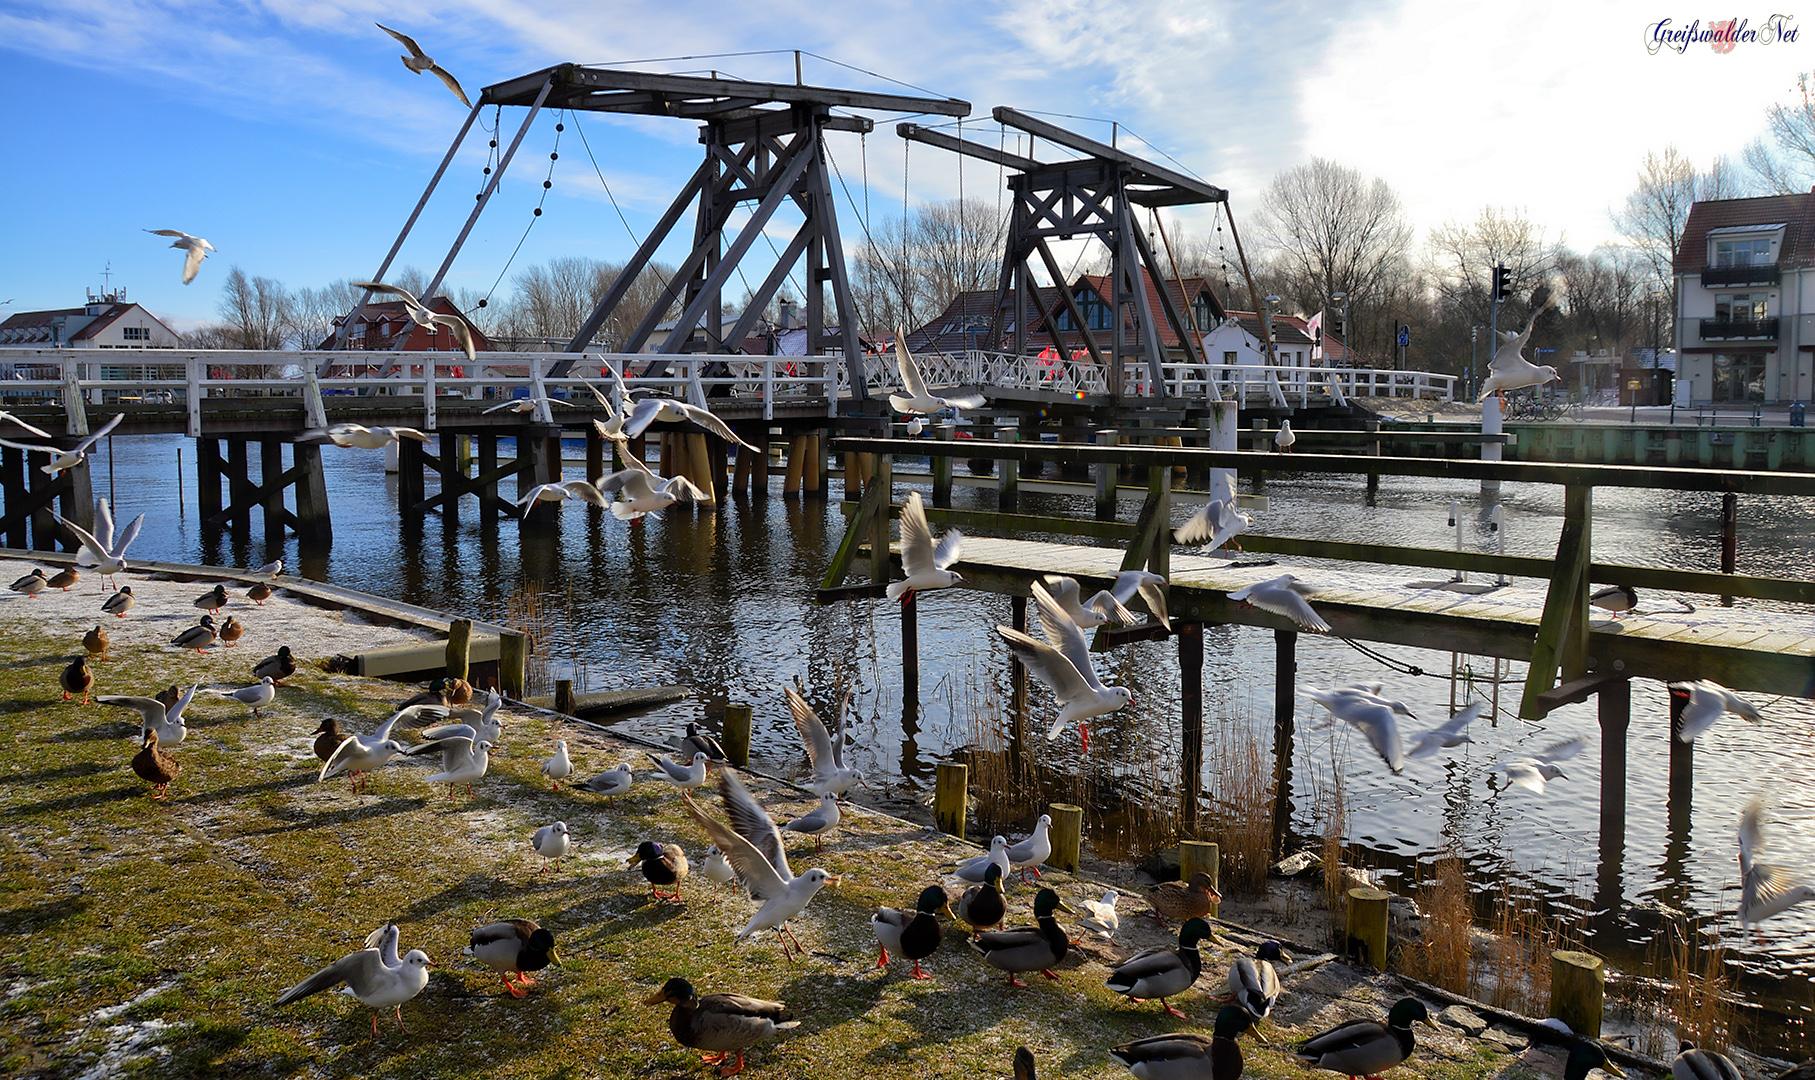 Möwen und Enten an der Brücke in Greifswald-Wieck